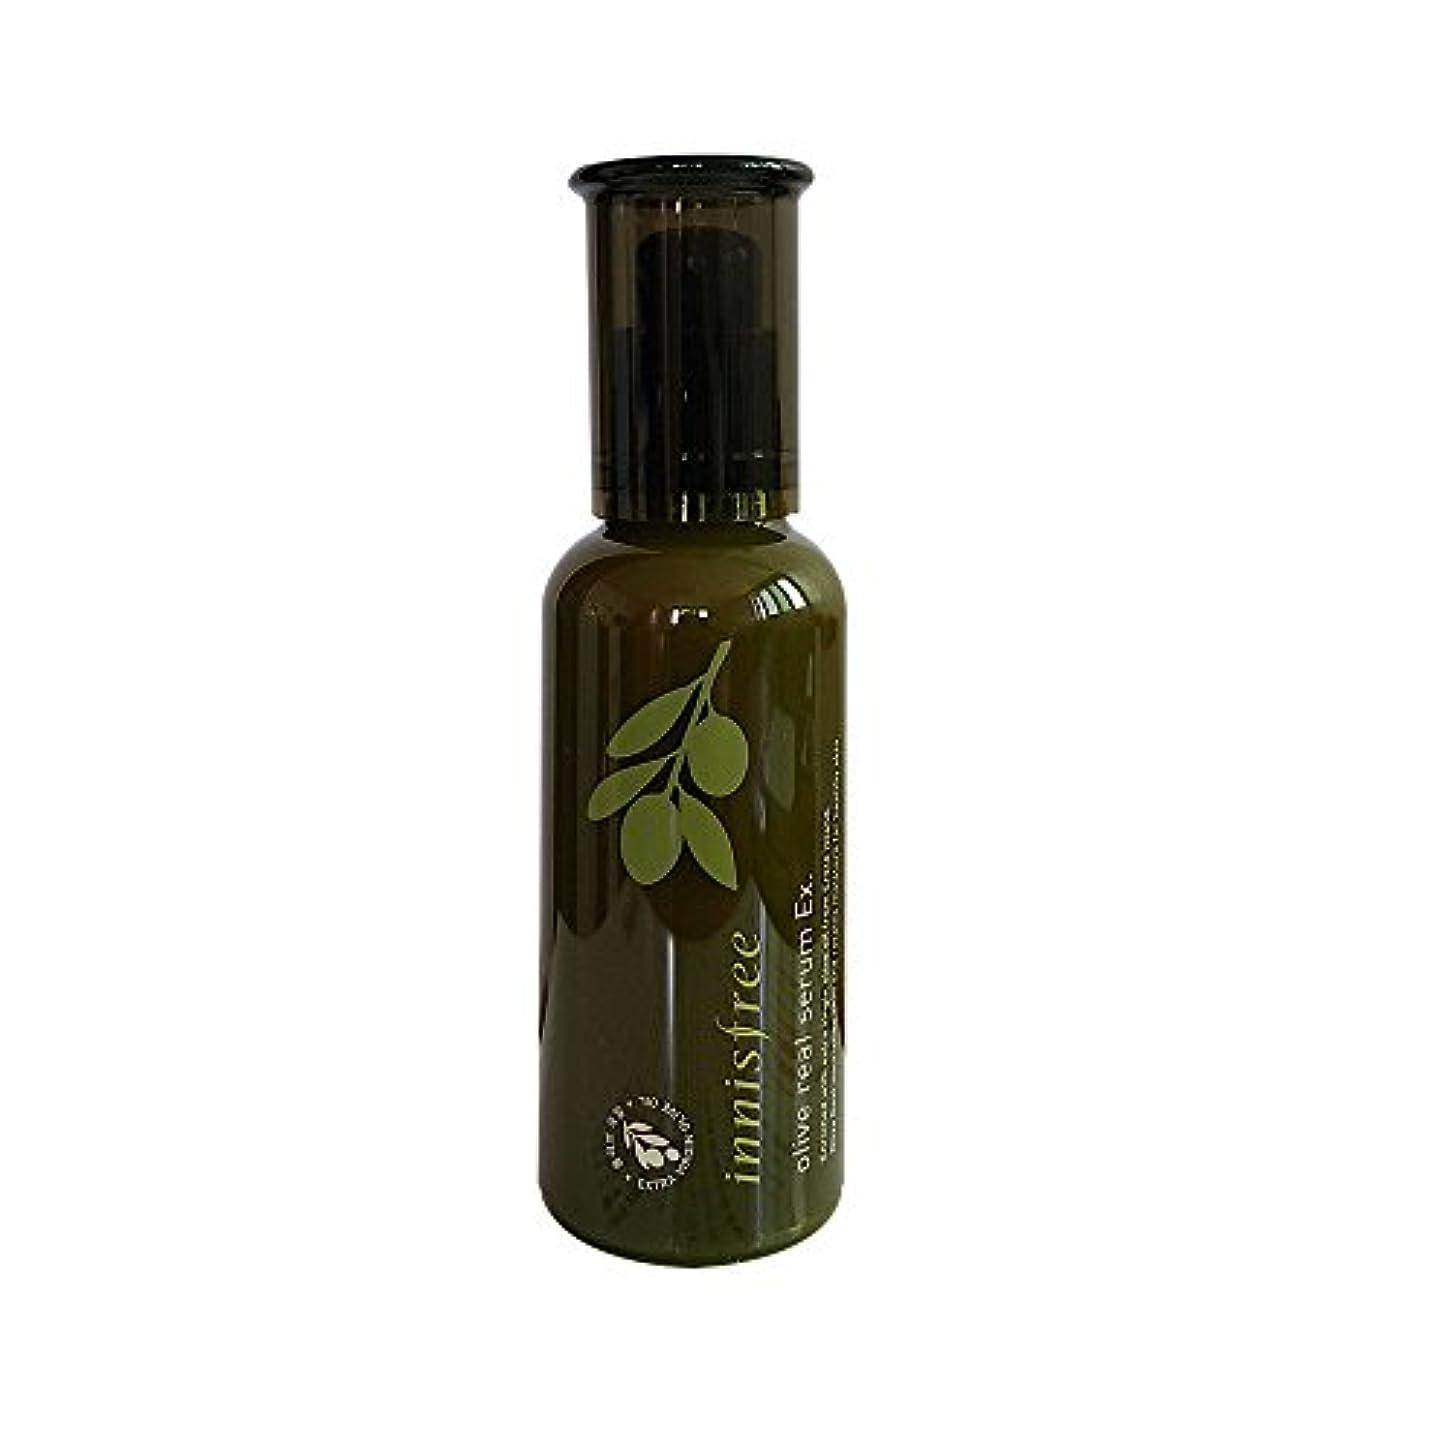 きゅうりソロレイアイニスフリー Innisfree オリーブリアルセラム(50ml) Innisfree Olive Real Serum(50ml) [海外直送品]